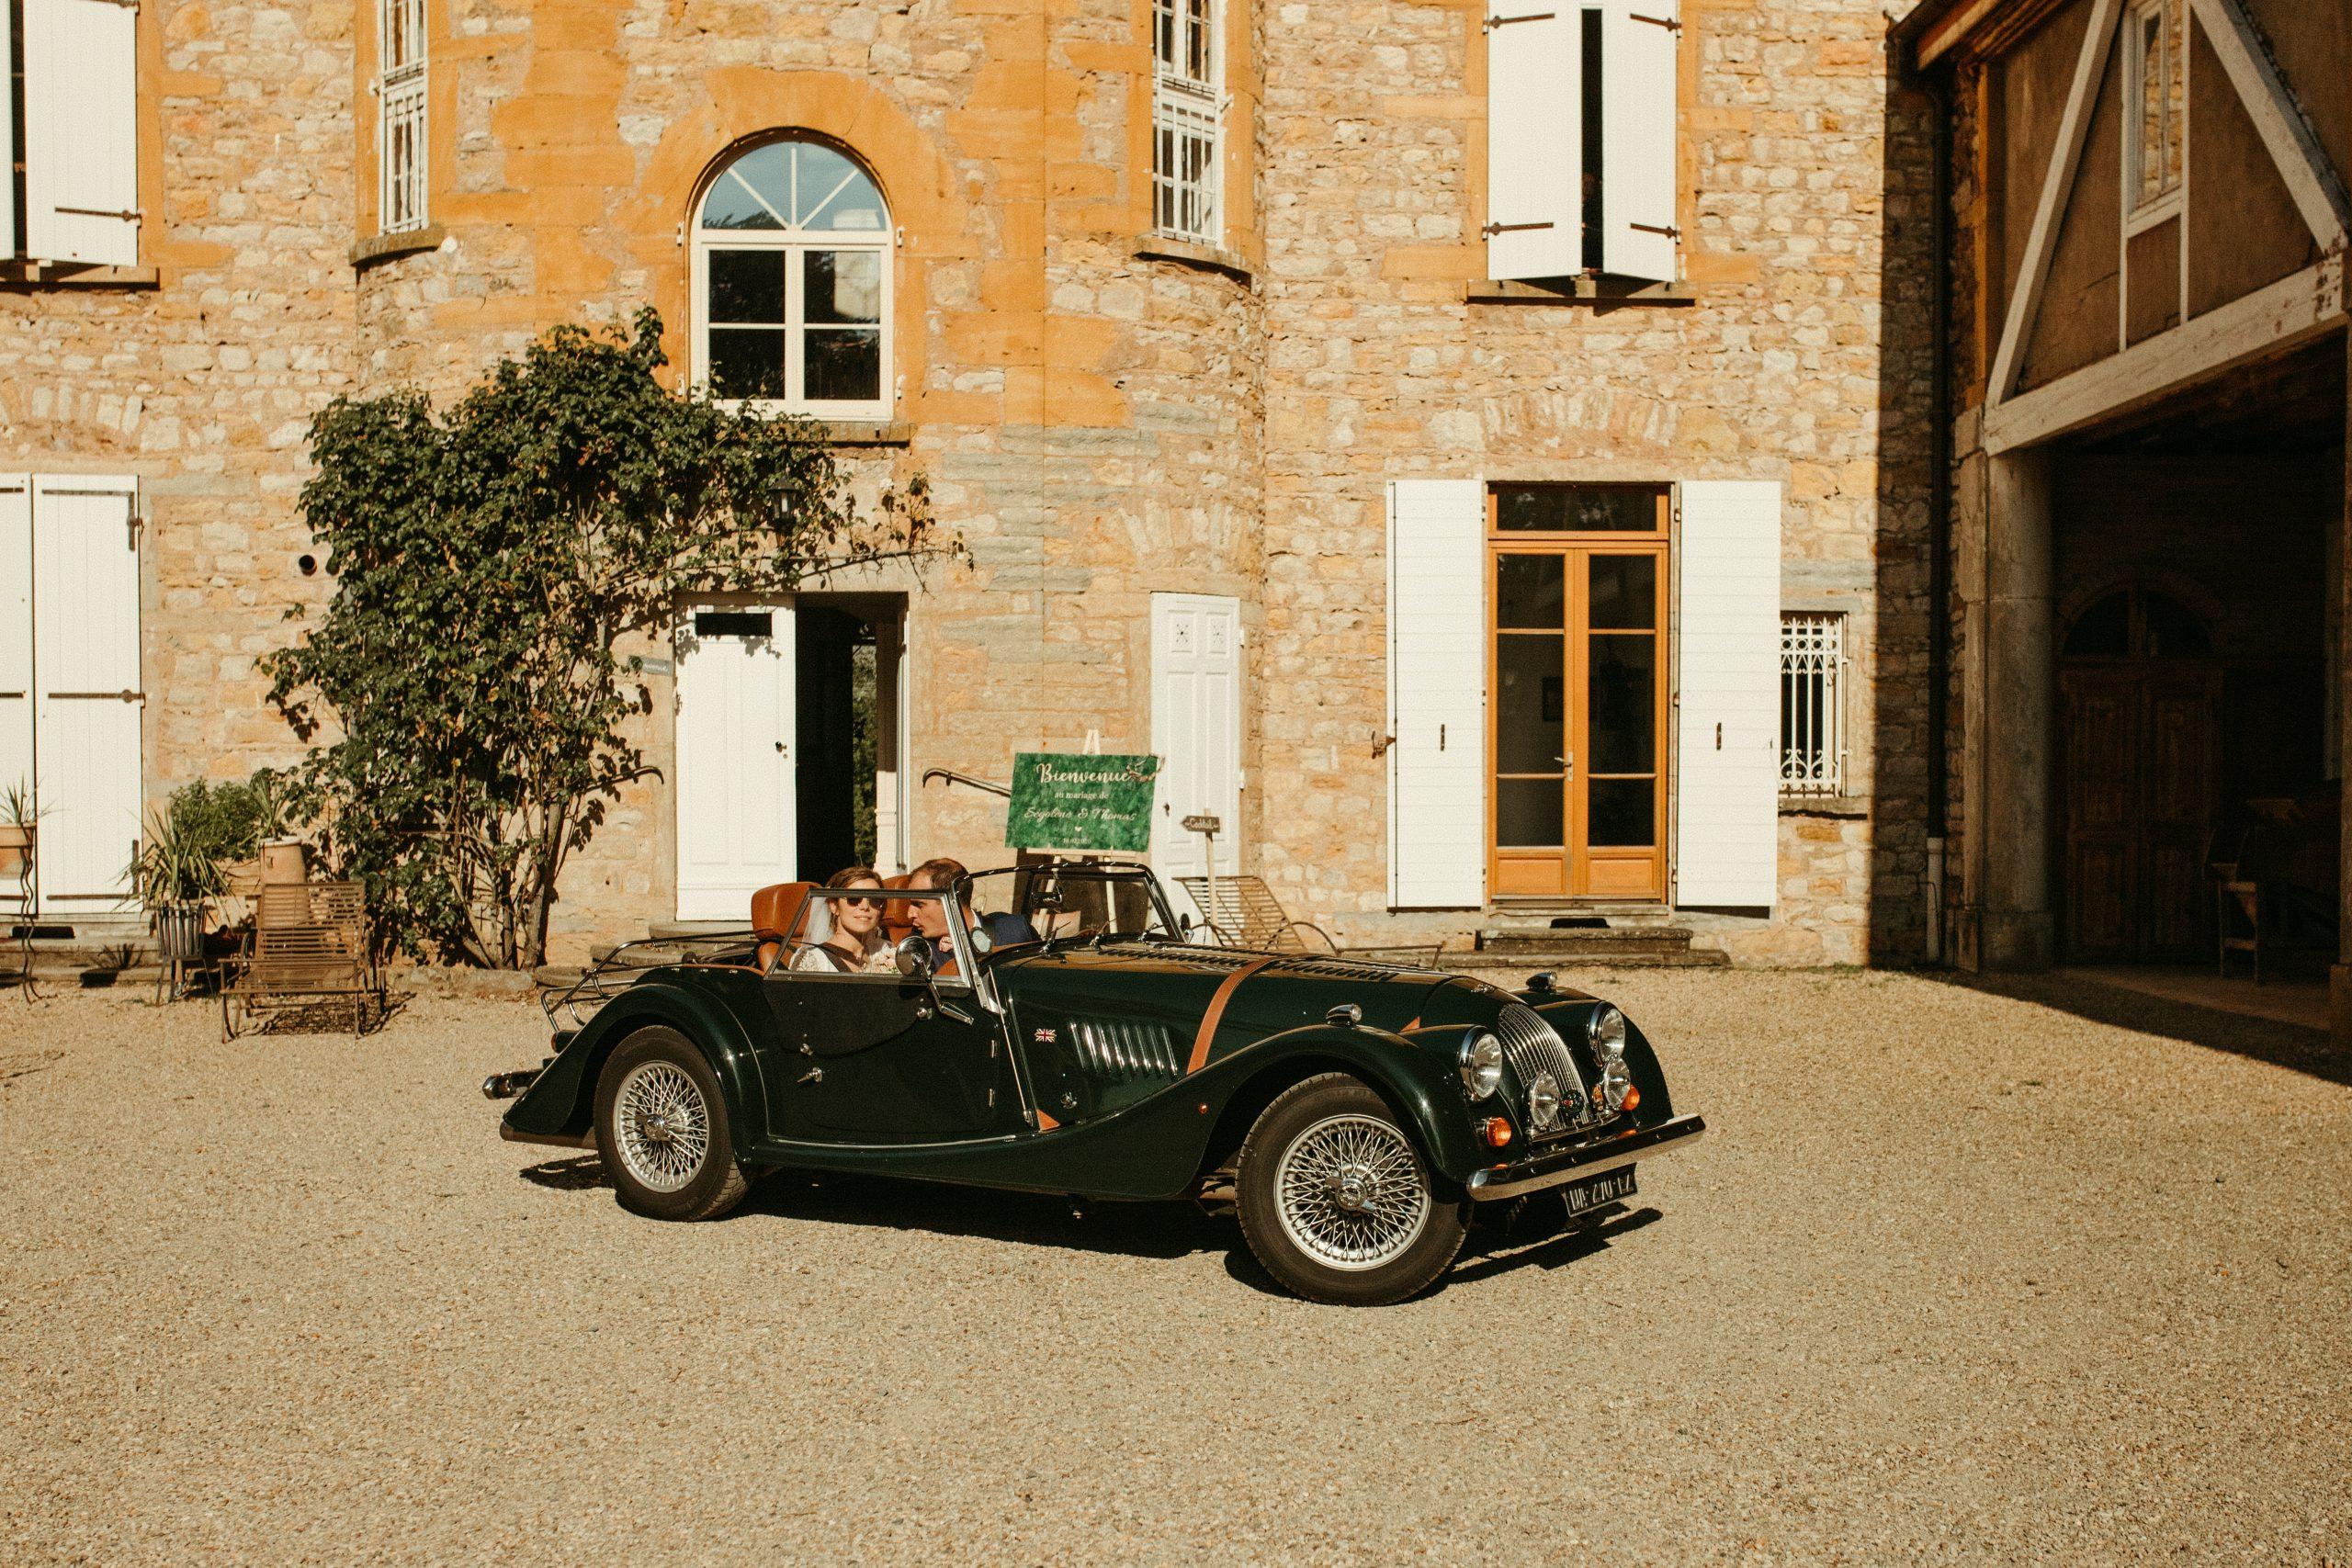 UTOPICLOVERS20200718 – MARIAGE Segolene Thomas 11289 scaled - Un mariage simple et joyeux au Manoir Tourieux dans le beaujolais.